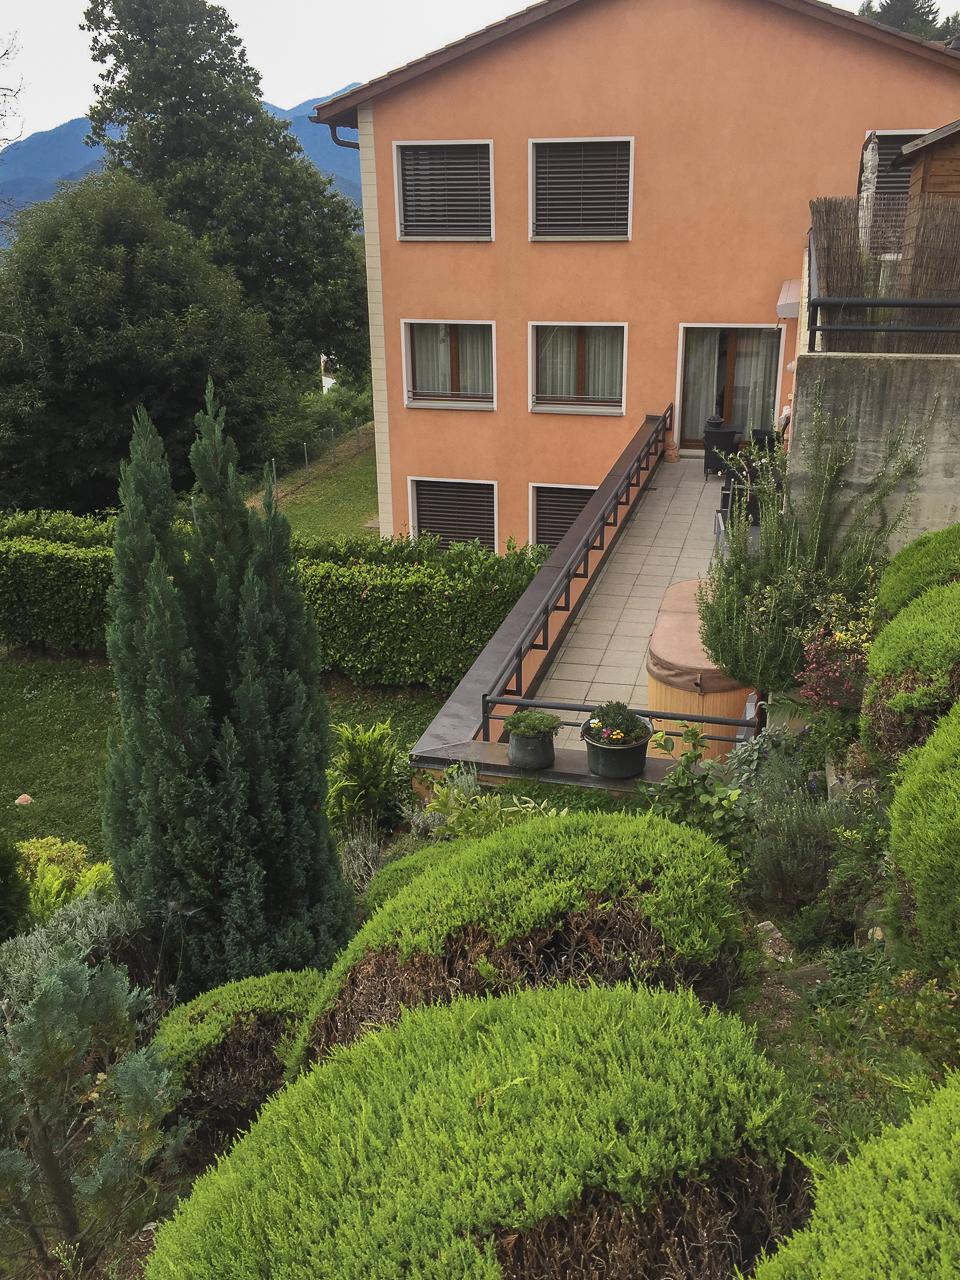 Appartamento 3.5 locali vista lago con ampia terrazza e jacuzzi esterna